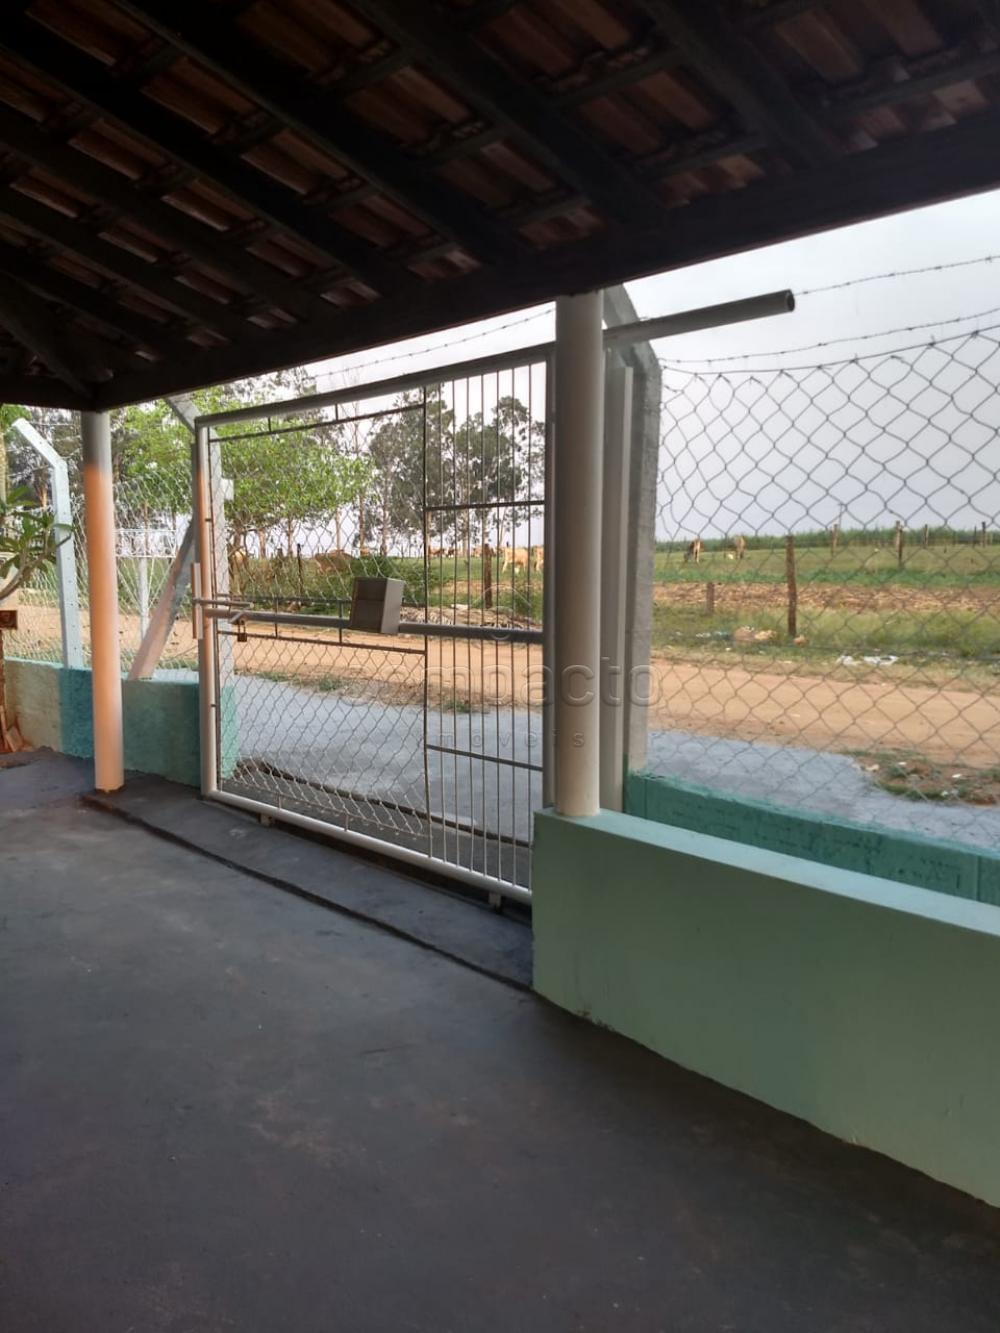 Comprar Rural / Chácara em São José do Rio Preto apenas R$ 254.400,00 - Foto 3